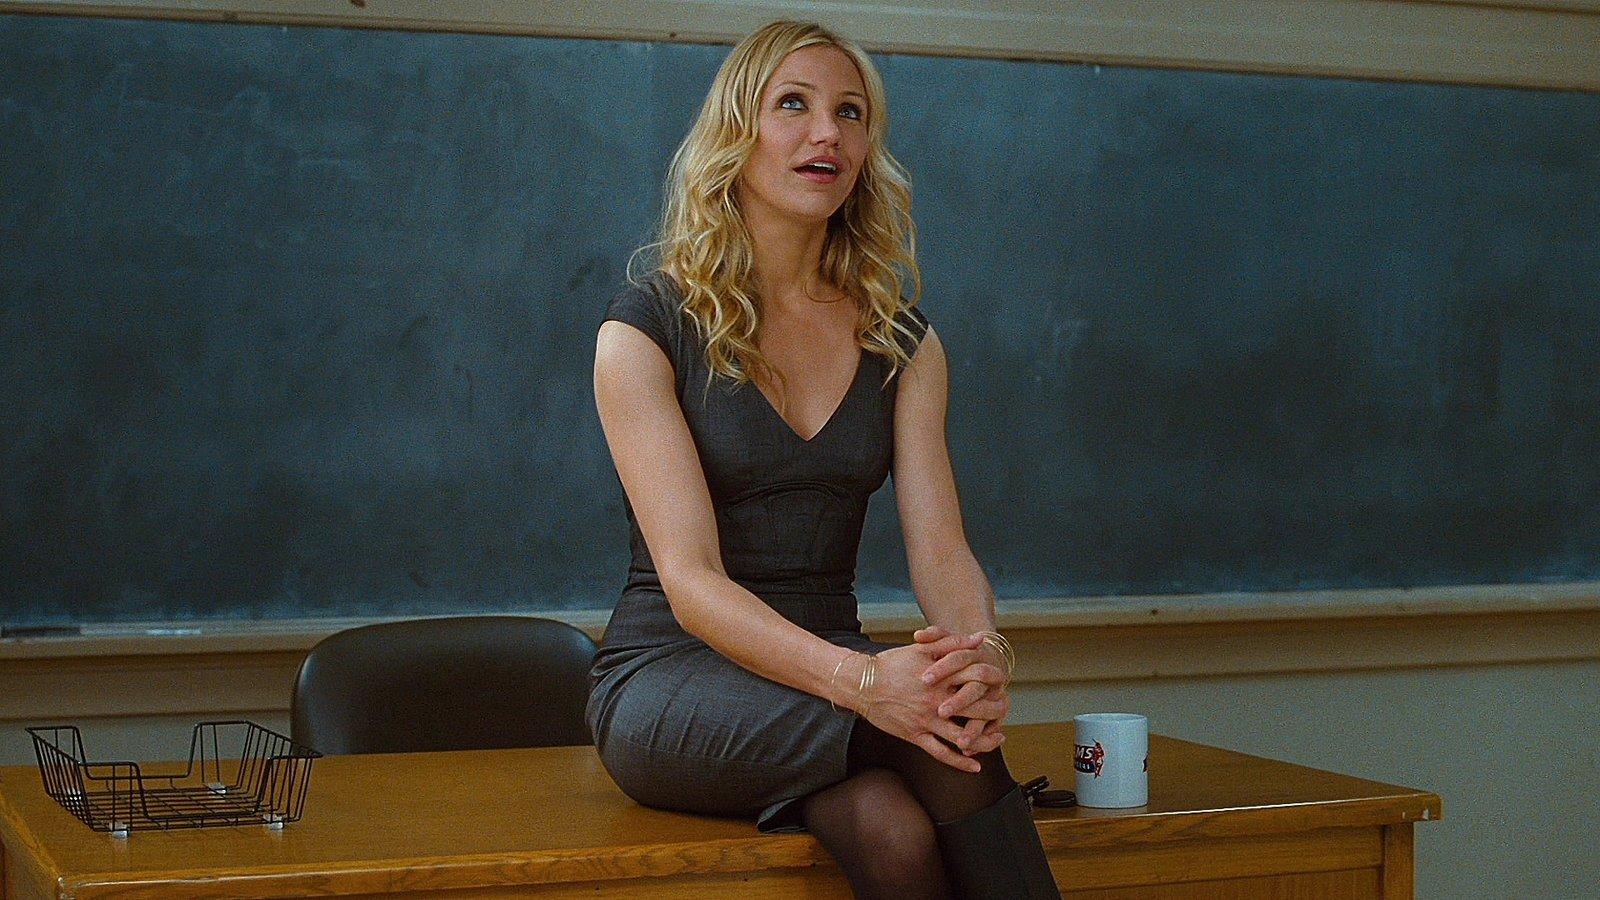 Смотреть секс с училкой на телефоне, Порно с учителями - Скачать и смотреть онлайн 12 фотография